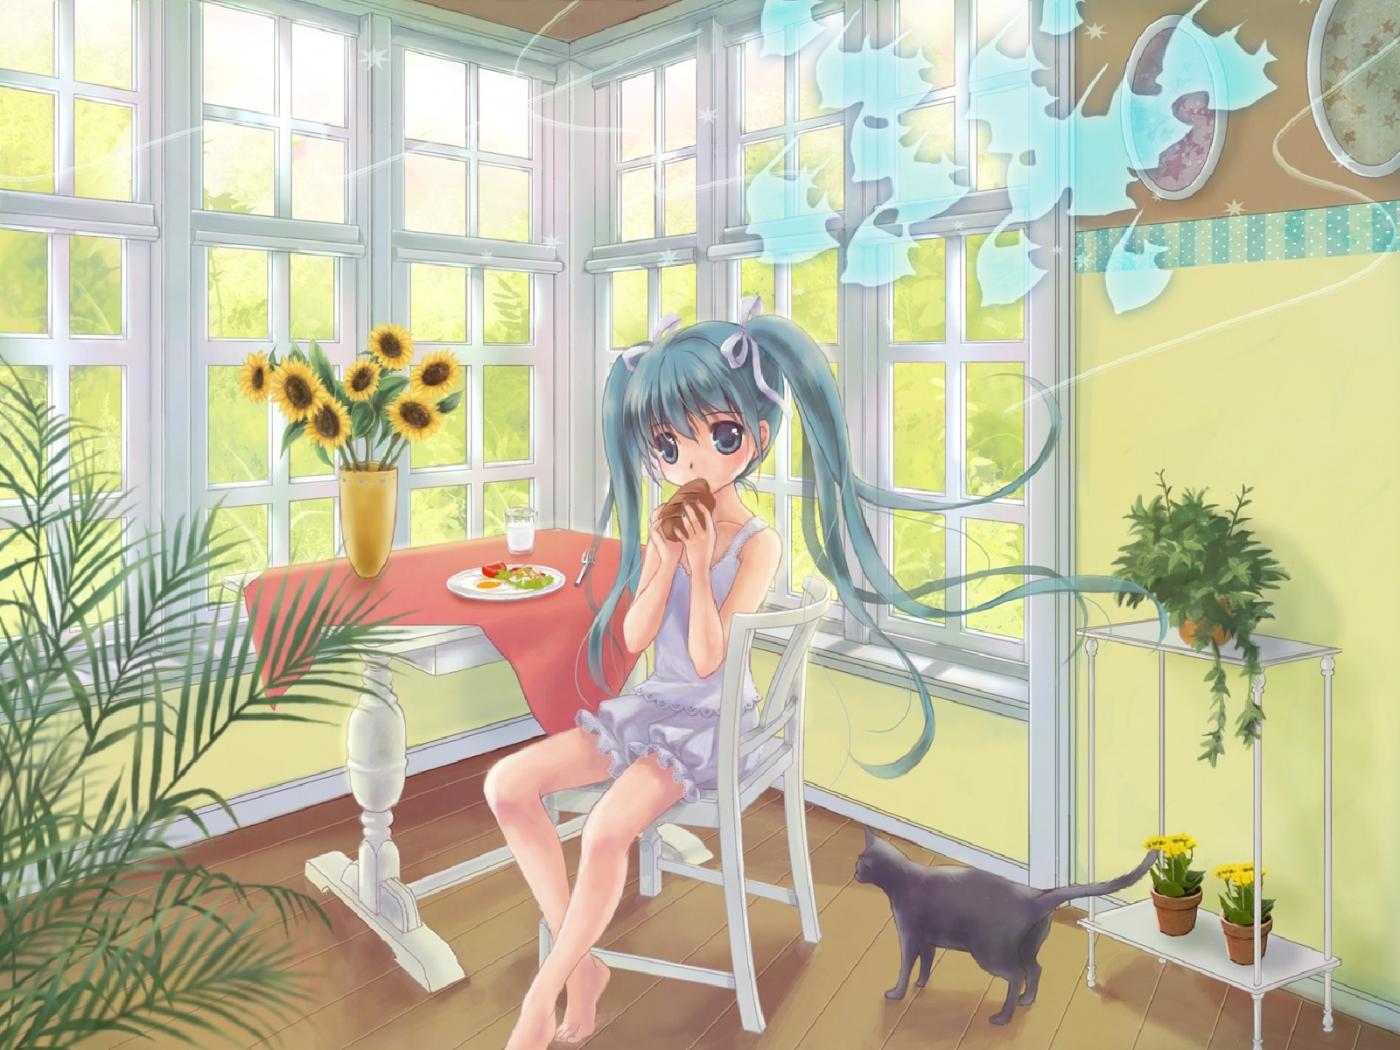 29571 papel de parede 240x320 em seu telefone gratuitamente, baixe imagens Anime, Crianças 240x320 em seu celular